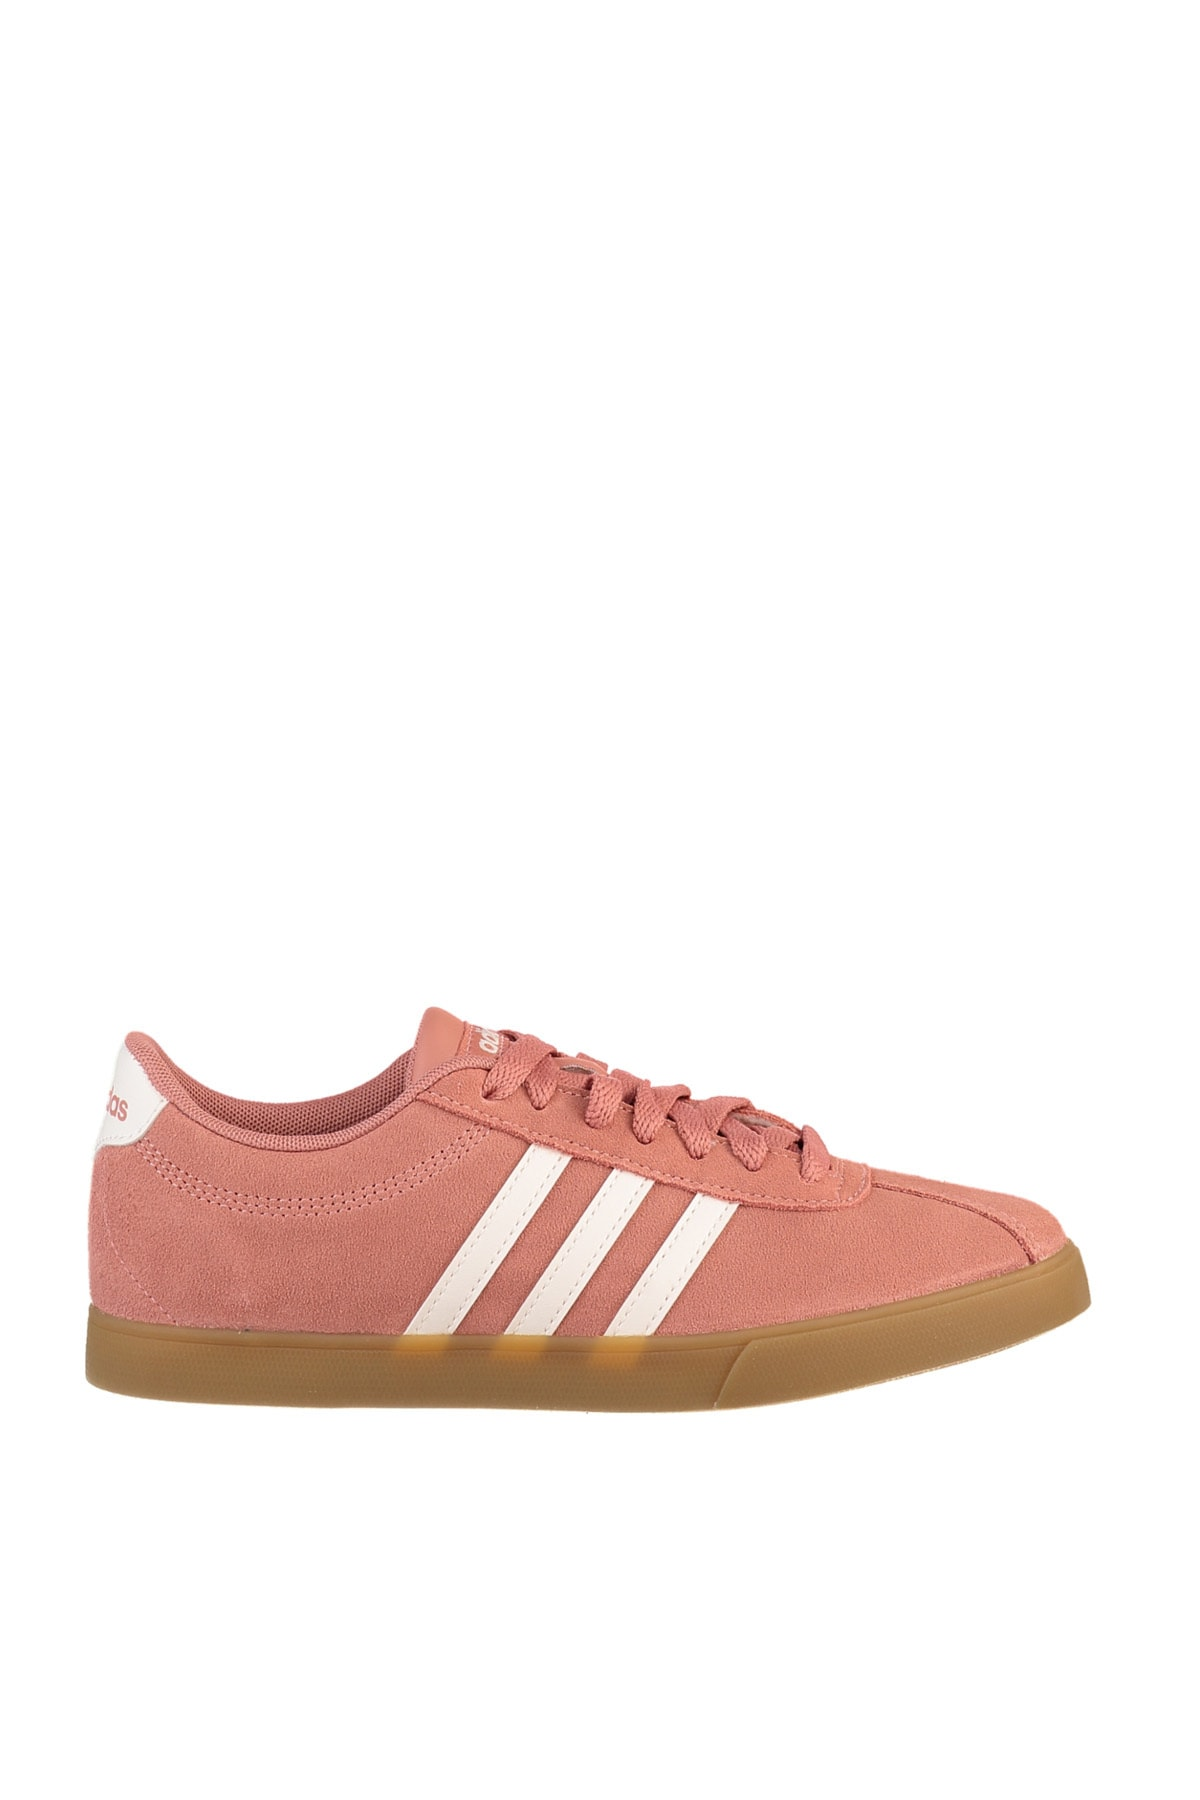 adidas Kadın Sneaker - COURTSET - EE8325 1